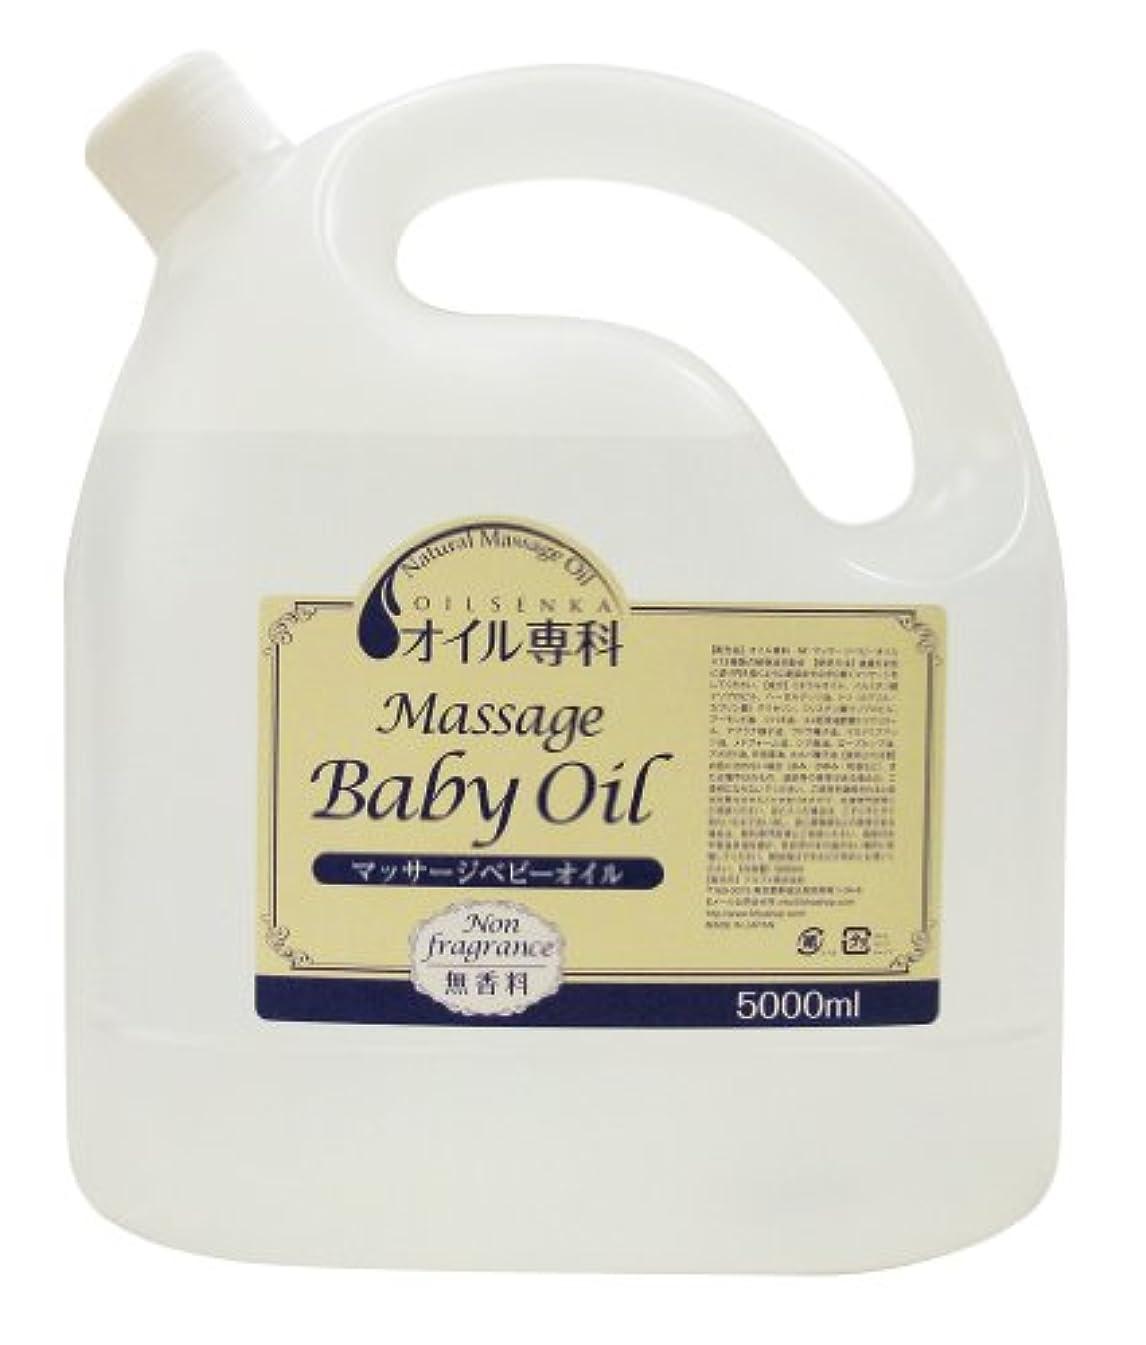 請うキリスト教講師【業務用ベースオイル(無香料)】13種類植物油配合<オイル専科>マッサージベビーオイル5L(5000ml)